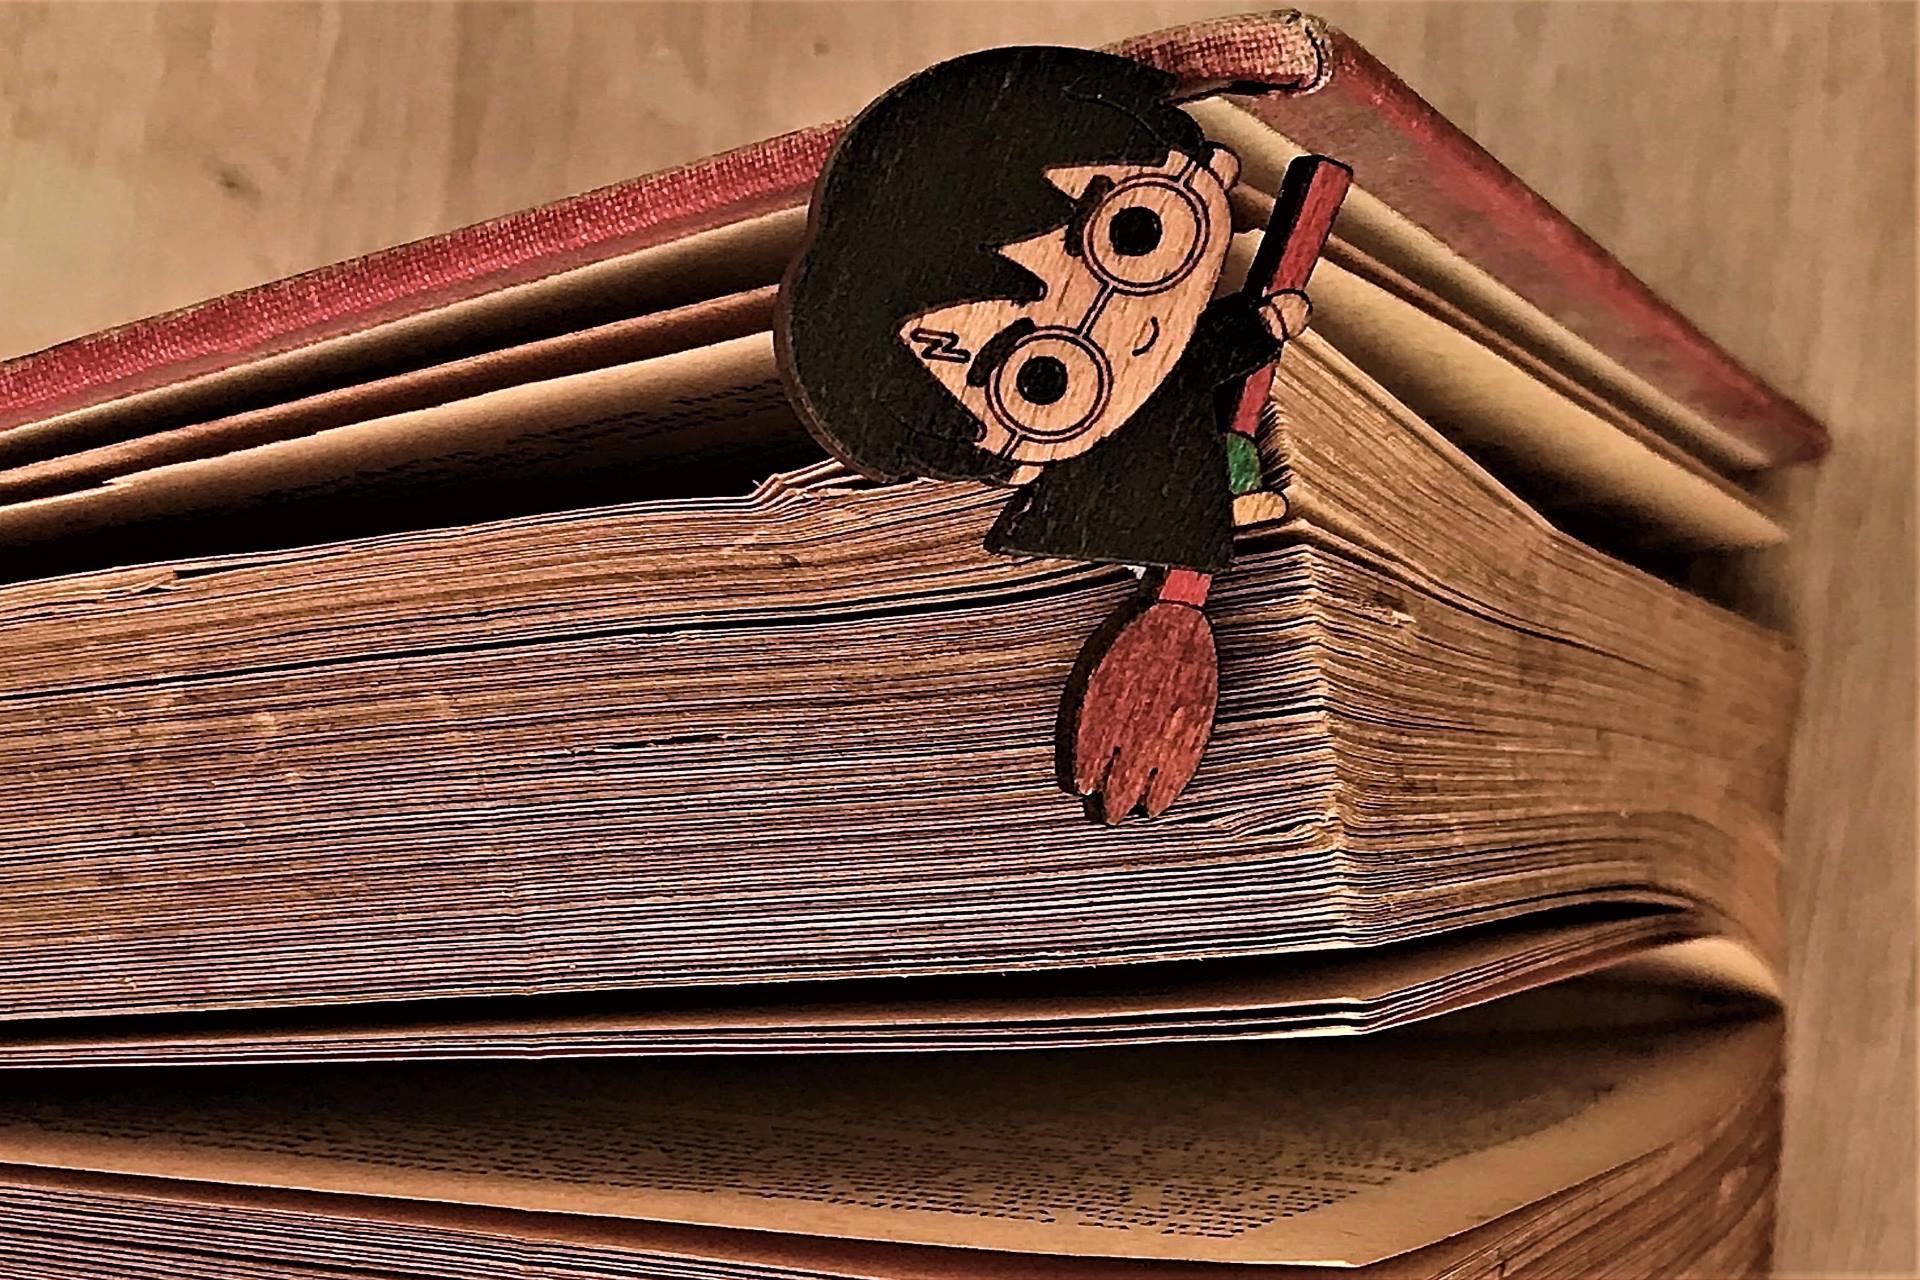 Kitap beynin oksijenidir.